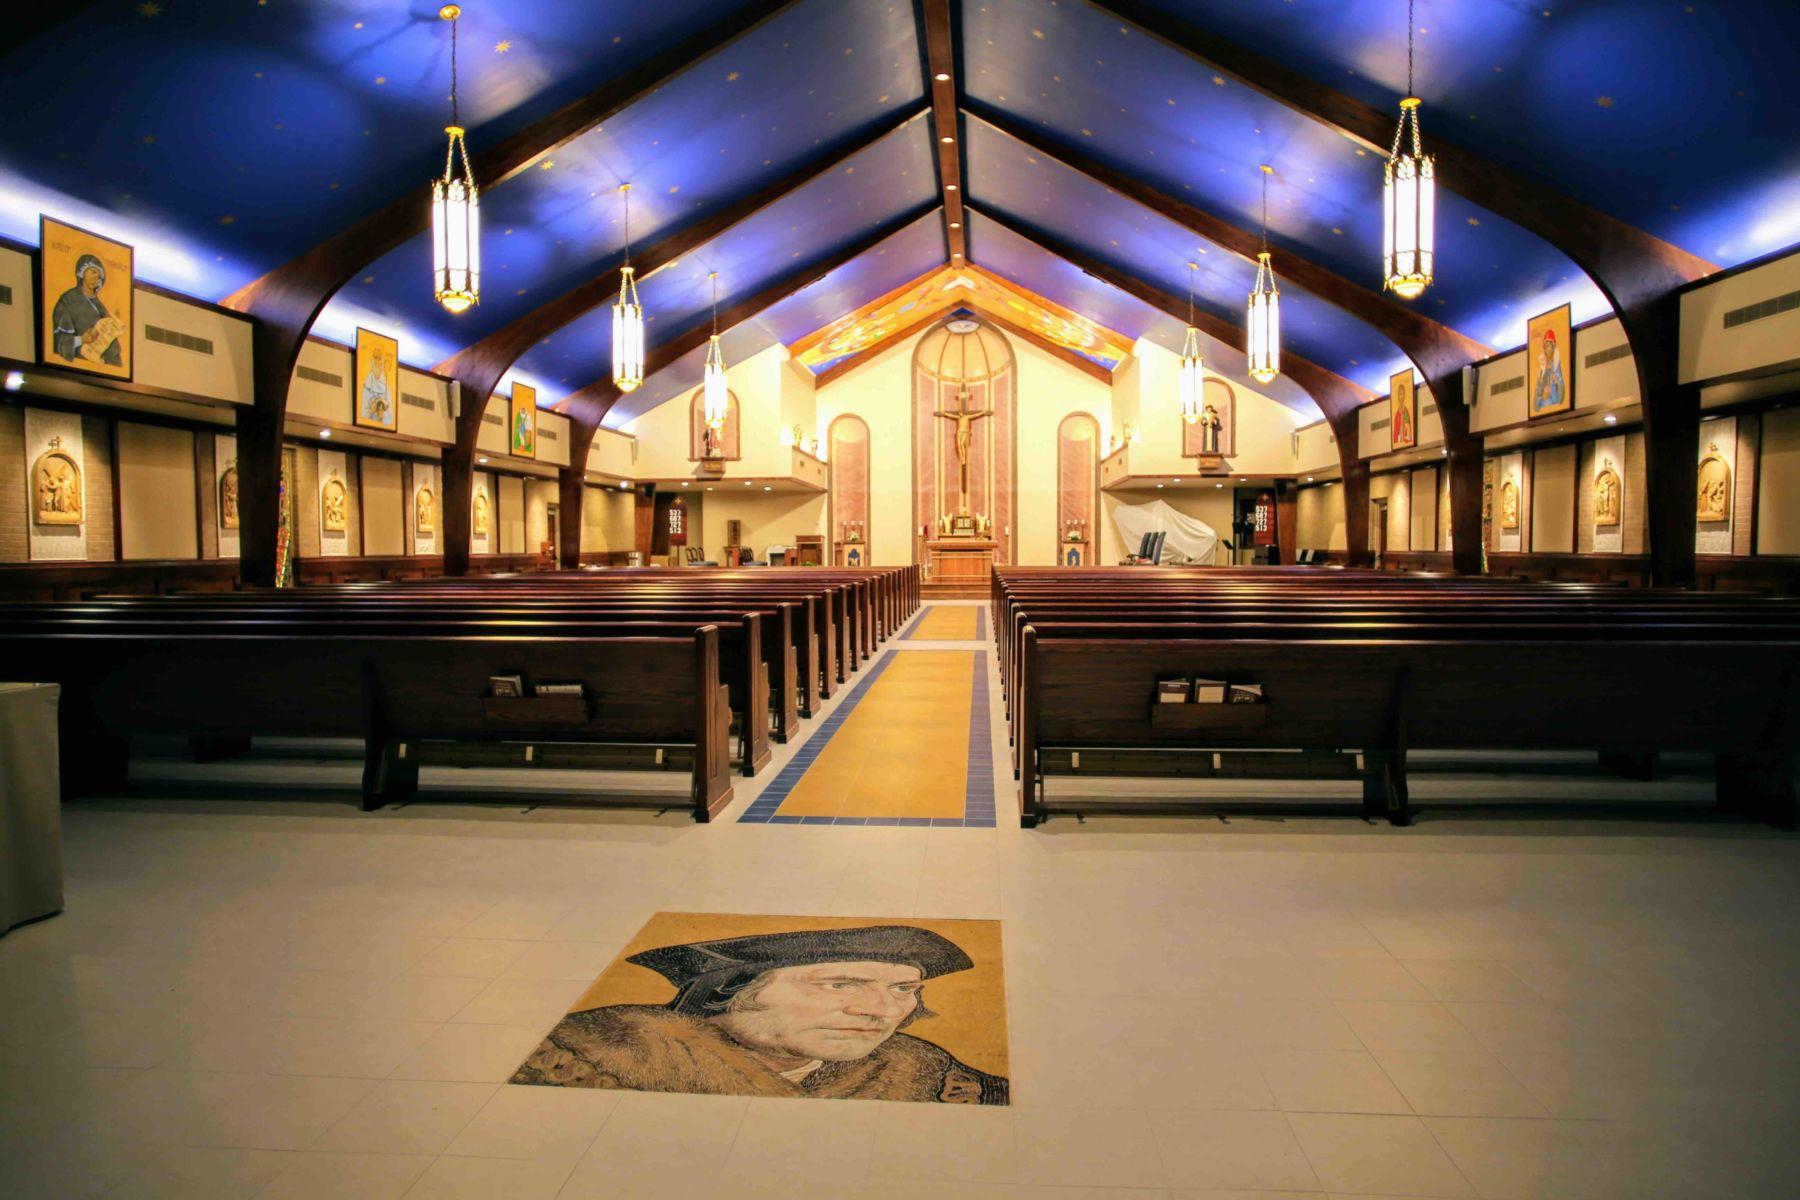 Catholic-Church-Renovation-Louisiana